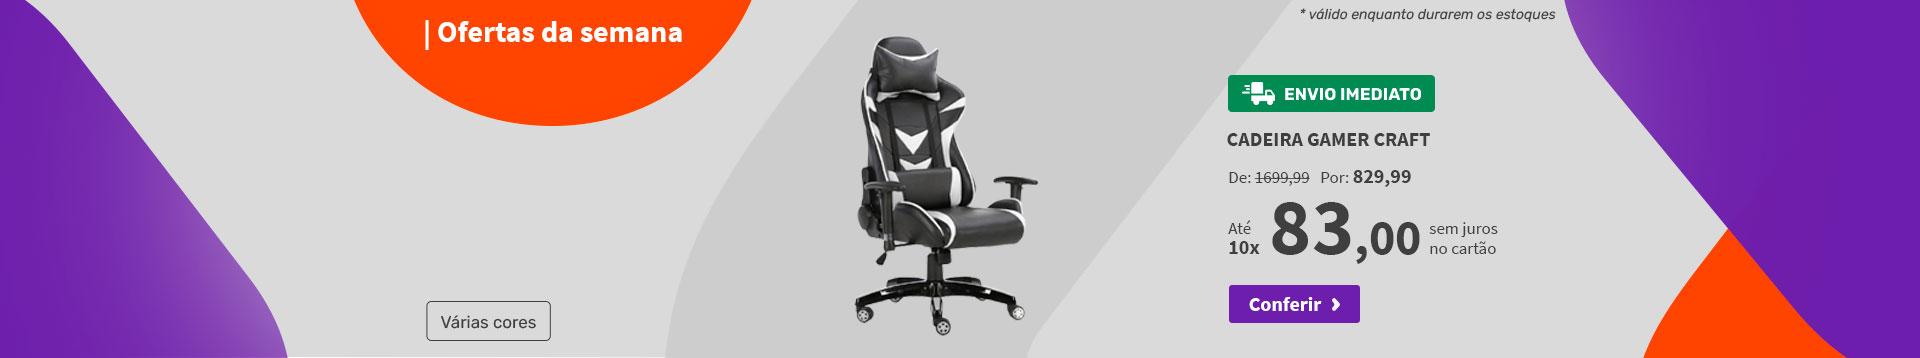 Cadeira Gamer Craft - Ofertas da semana